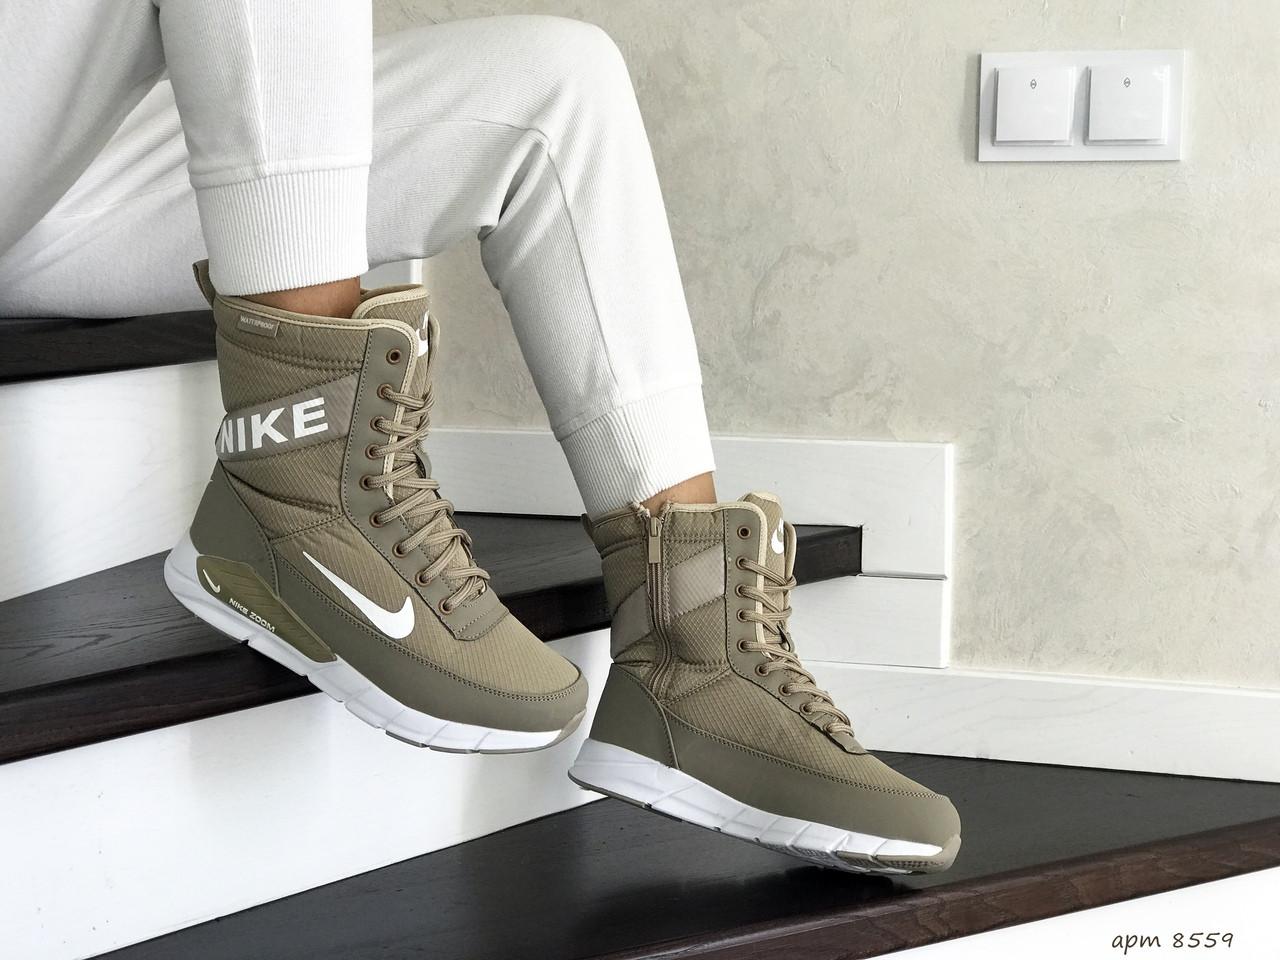 Высокие женские зимние ботинки Nike,оливковые